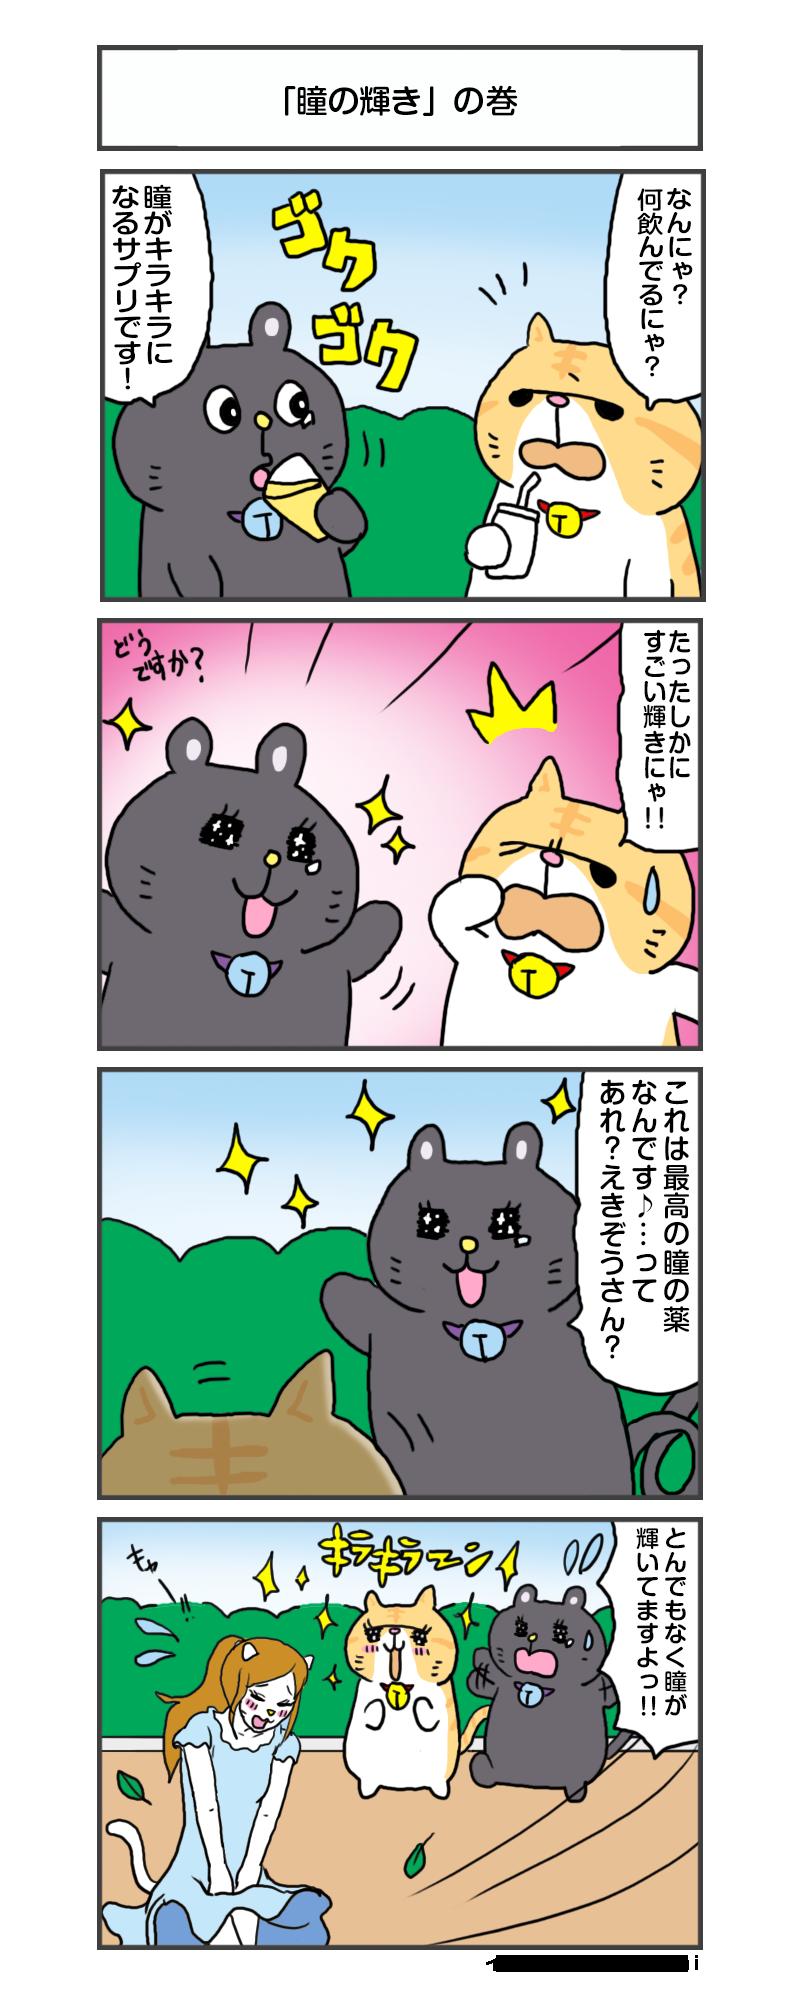 えきぞうmanga_vol.264